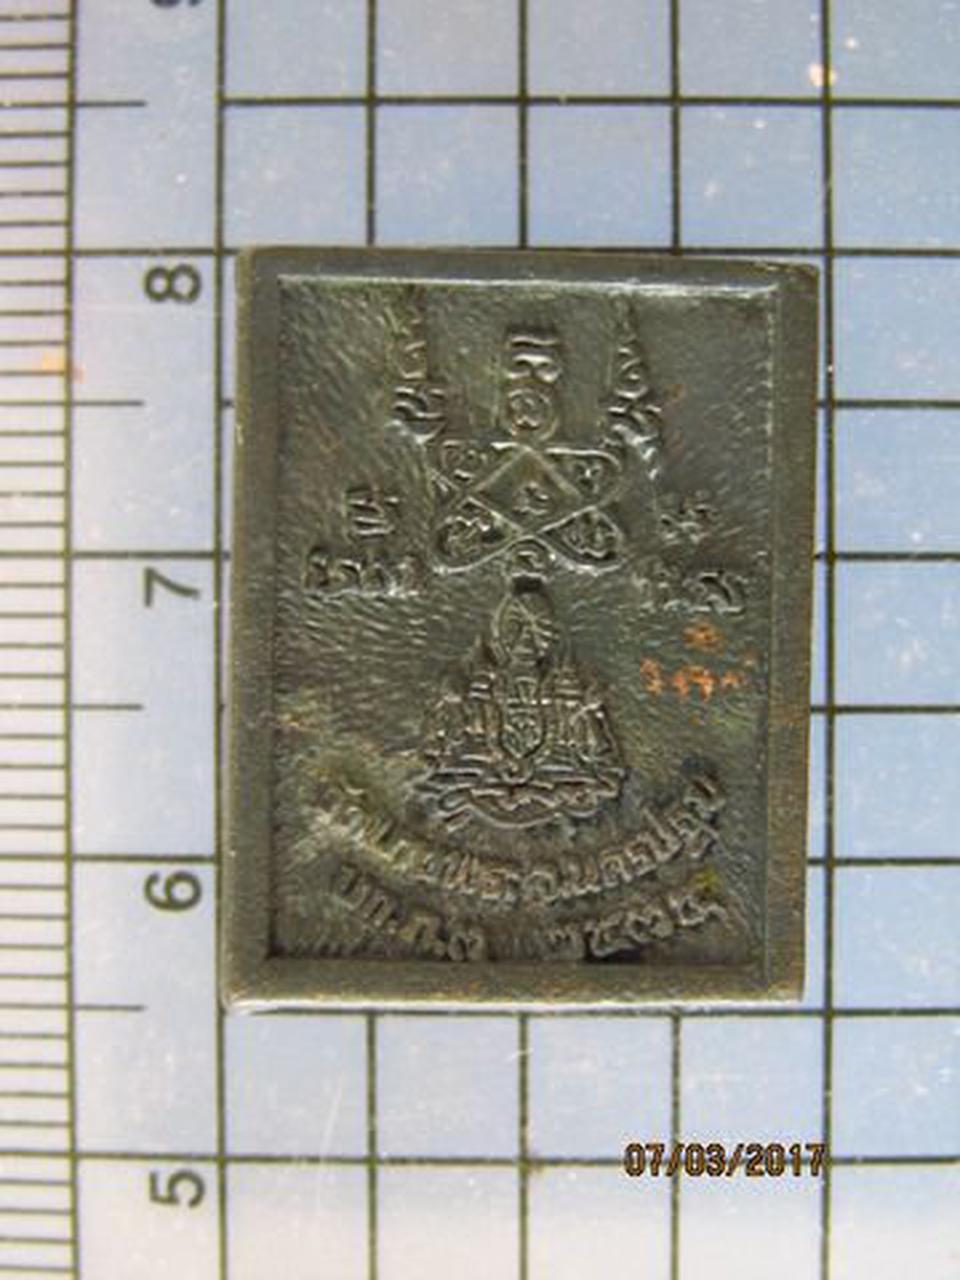 3962 เหรียญหล่อหลวงพ่อเปิ่น วัดบางพระ รุ่น บก.ภ.3 ปี 2535 จ. รูปที่ 2